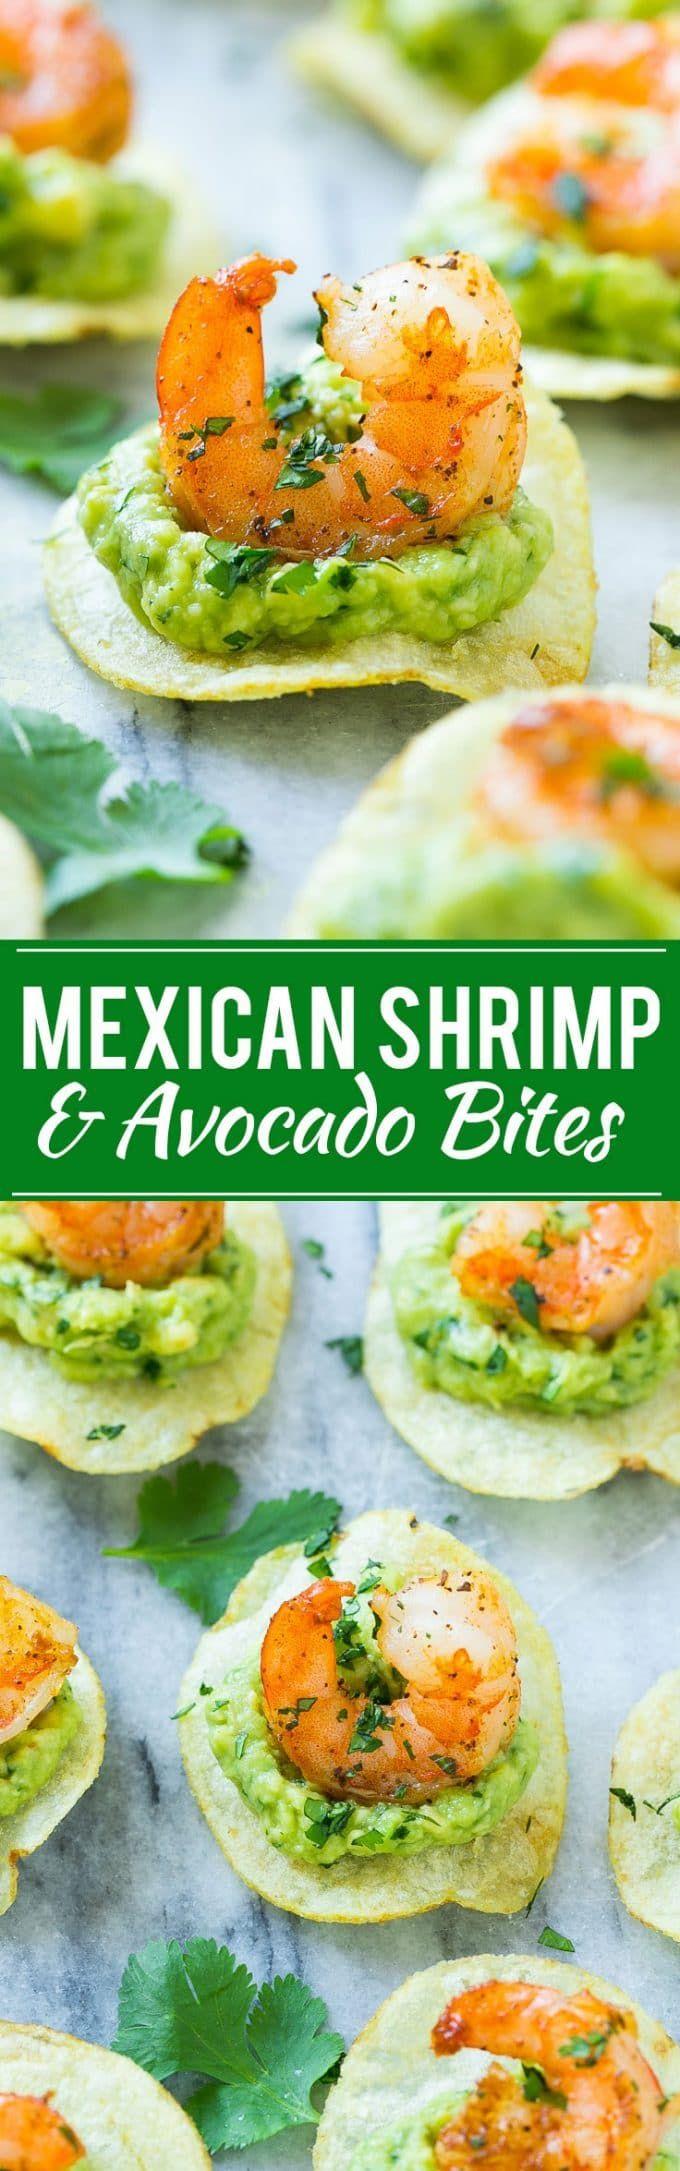 Mexican Shrimp & Avocado Bites